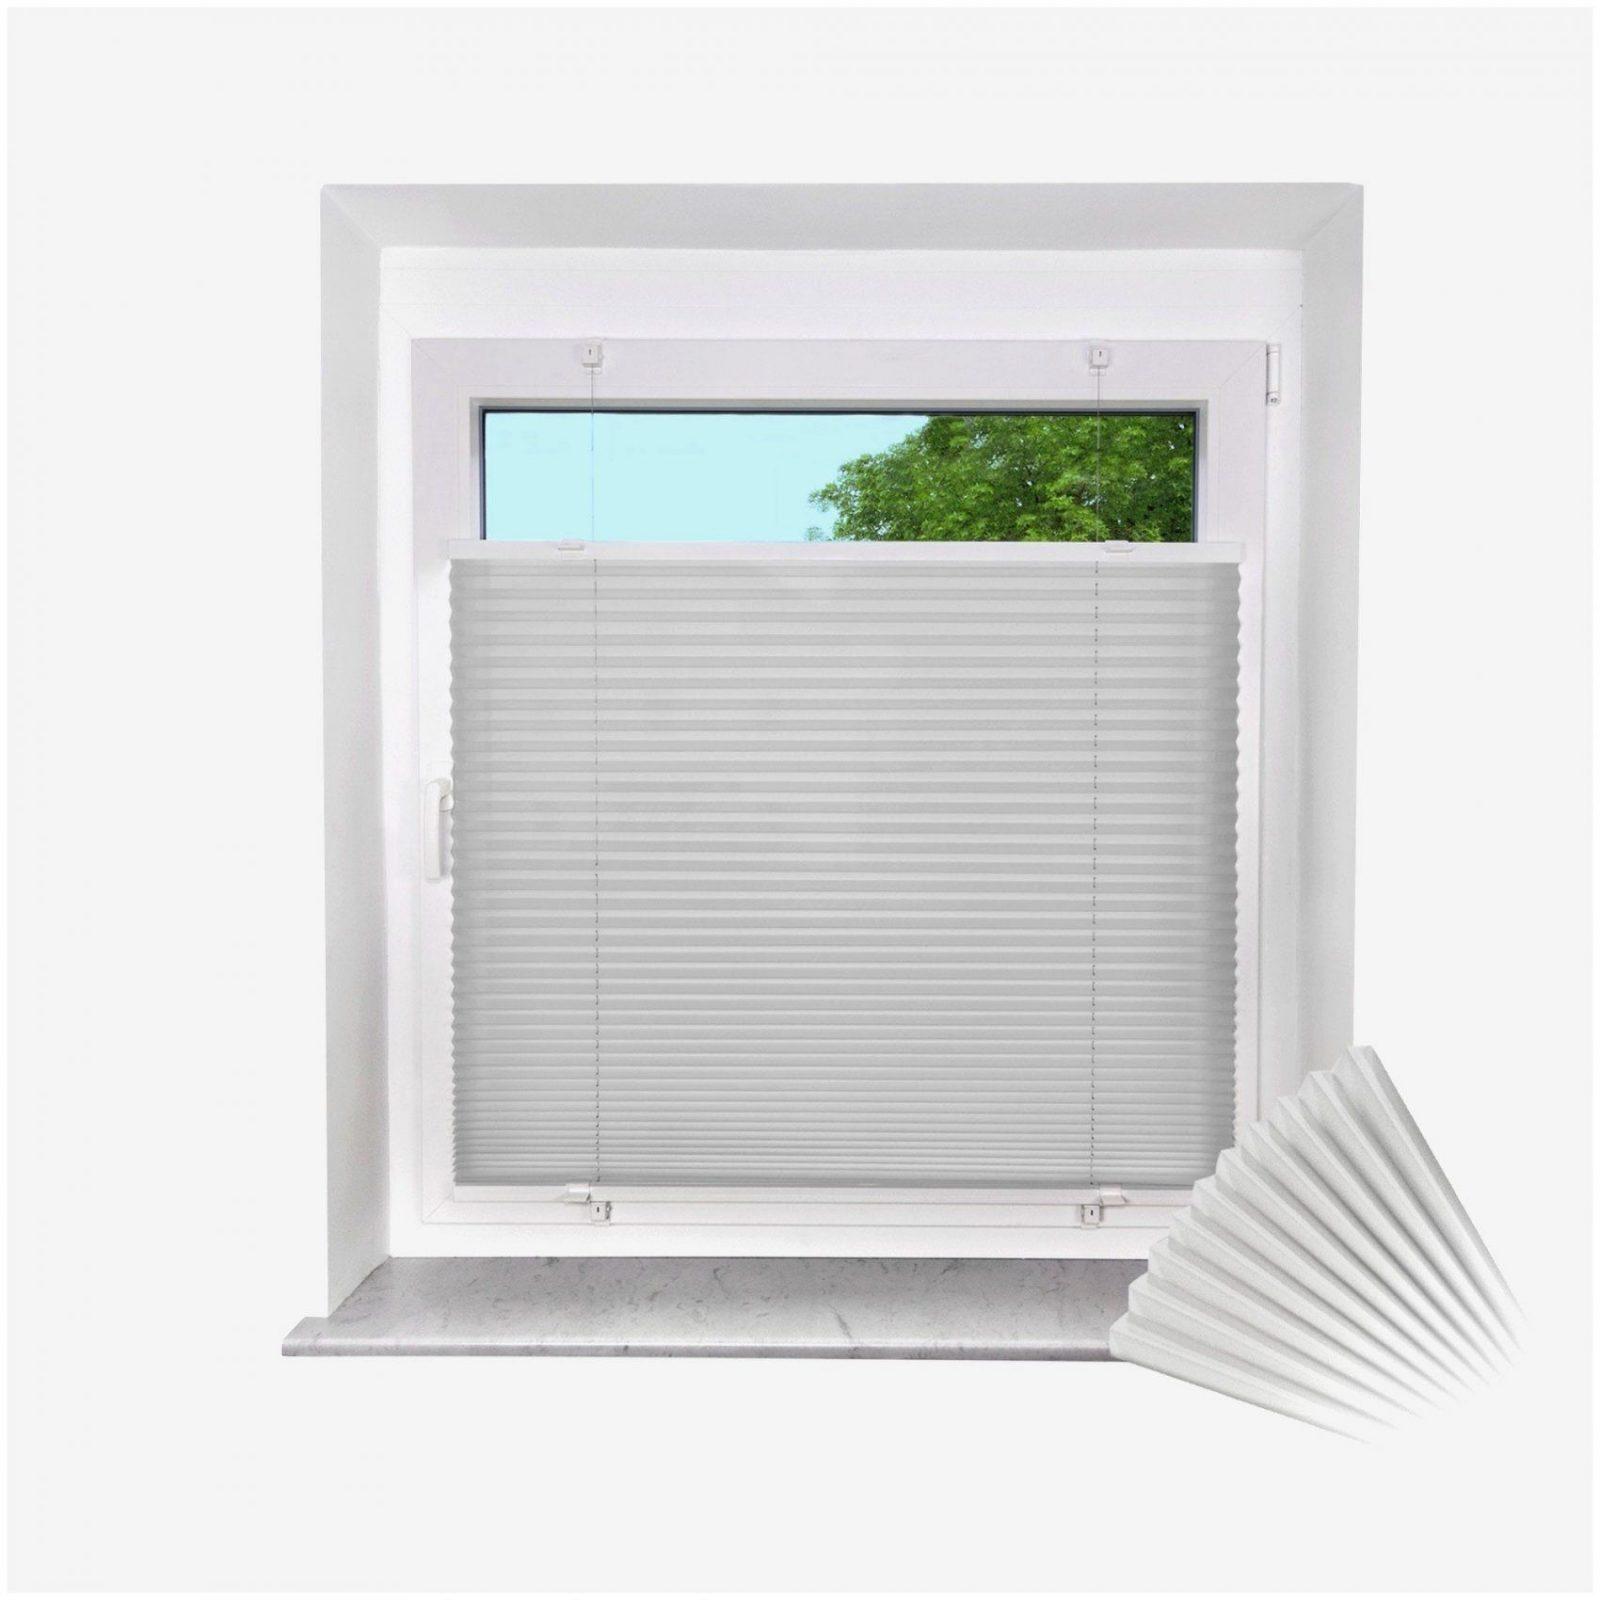 Fenster Rollo Zum Einhängen 433687 Wunderbar Rollos Zum Einhängen von Fenster Rollo Zum Einhängen Photo